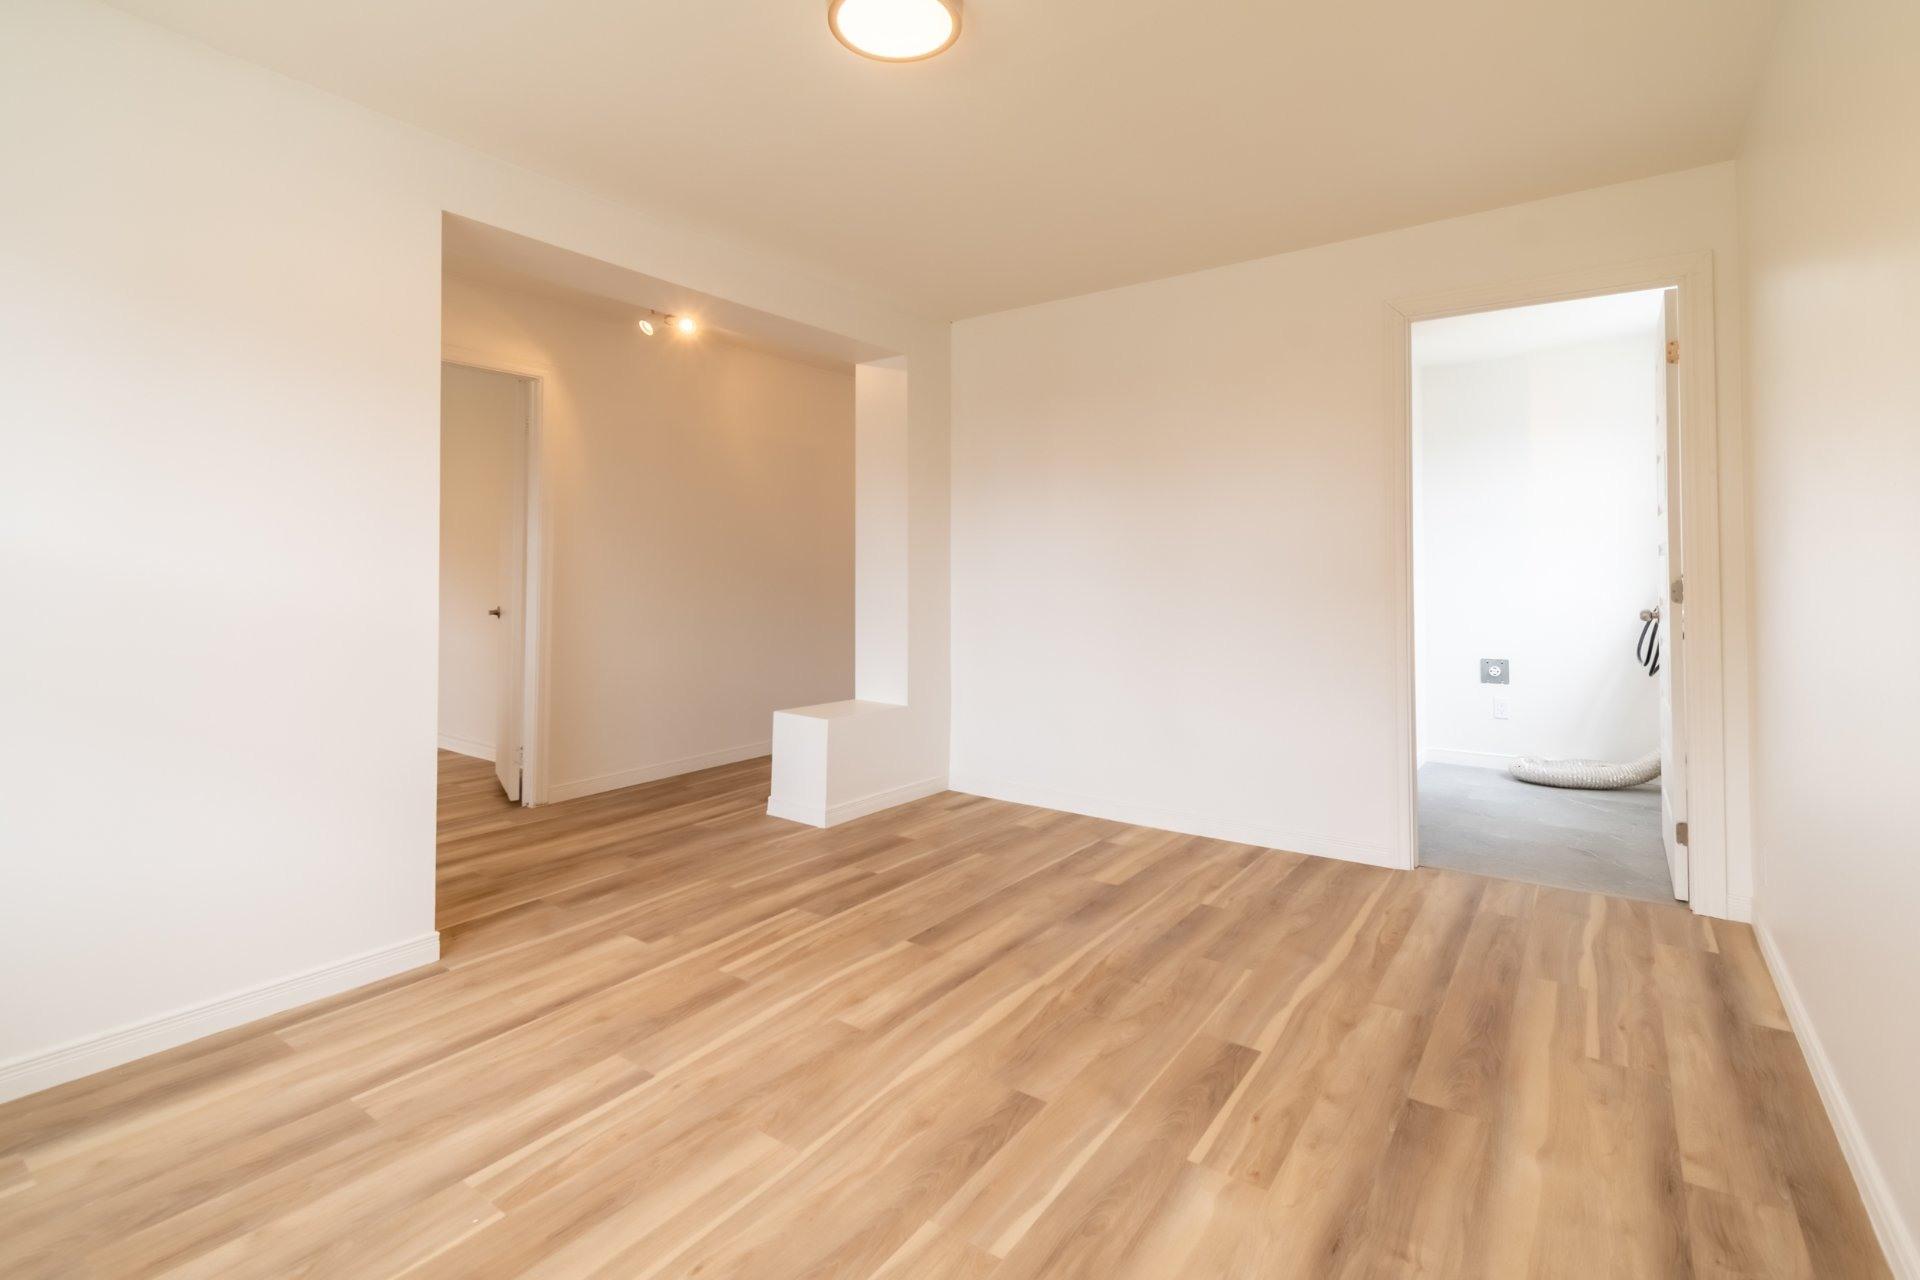 image 17 - Duplex For sale Trois-Rivières - 5 rooms